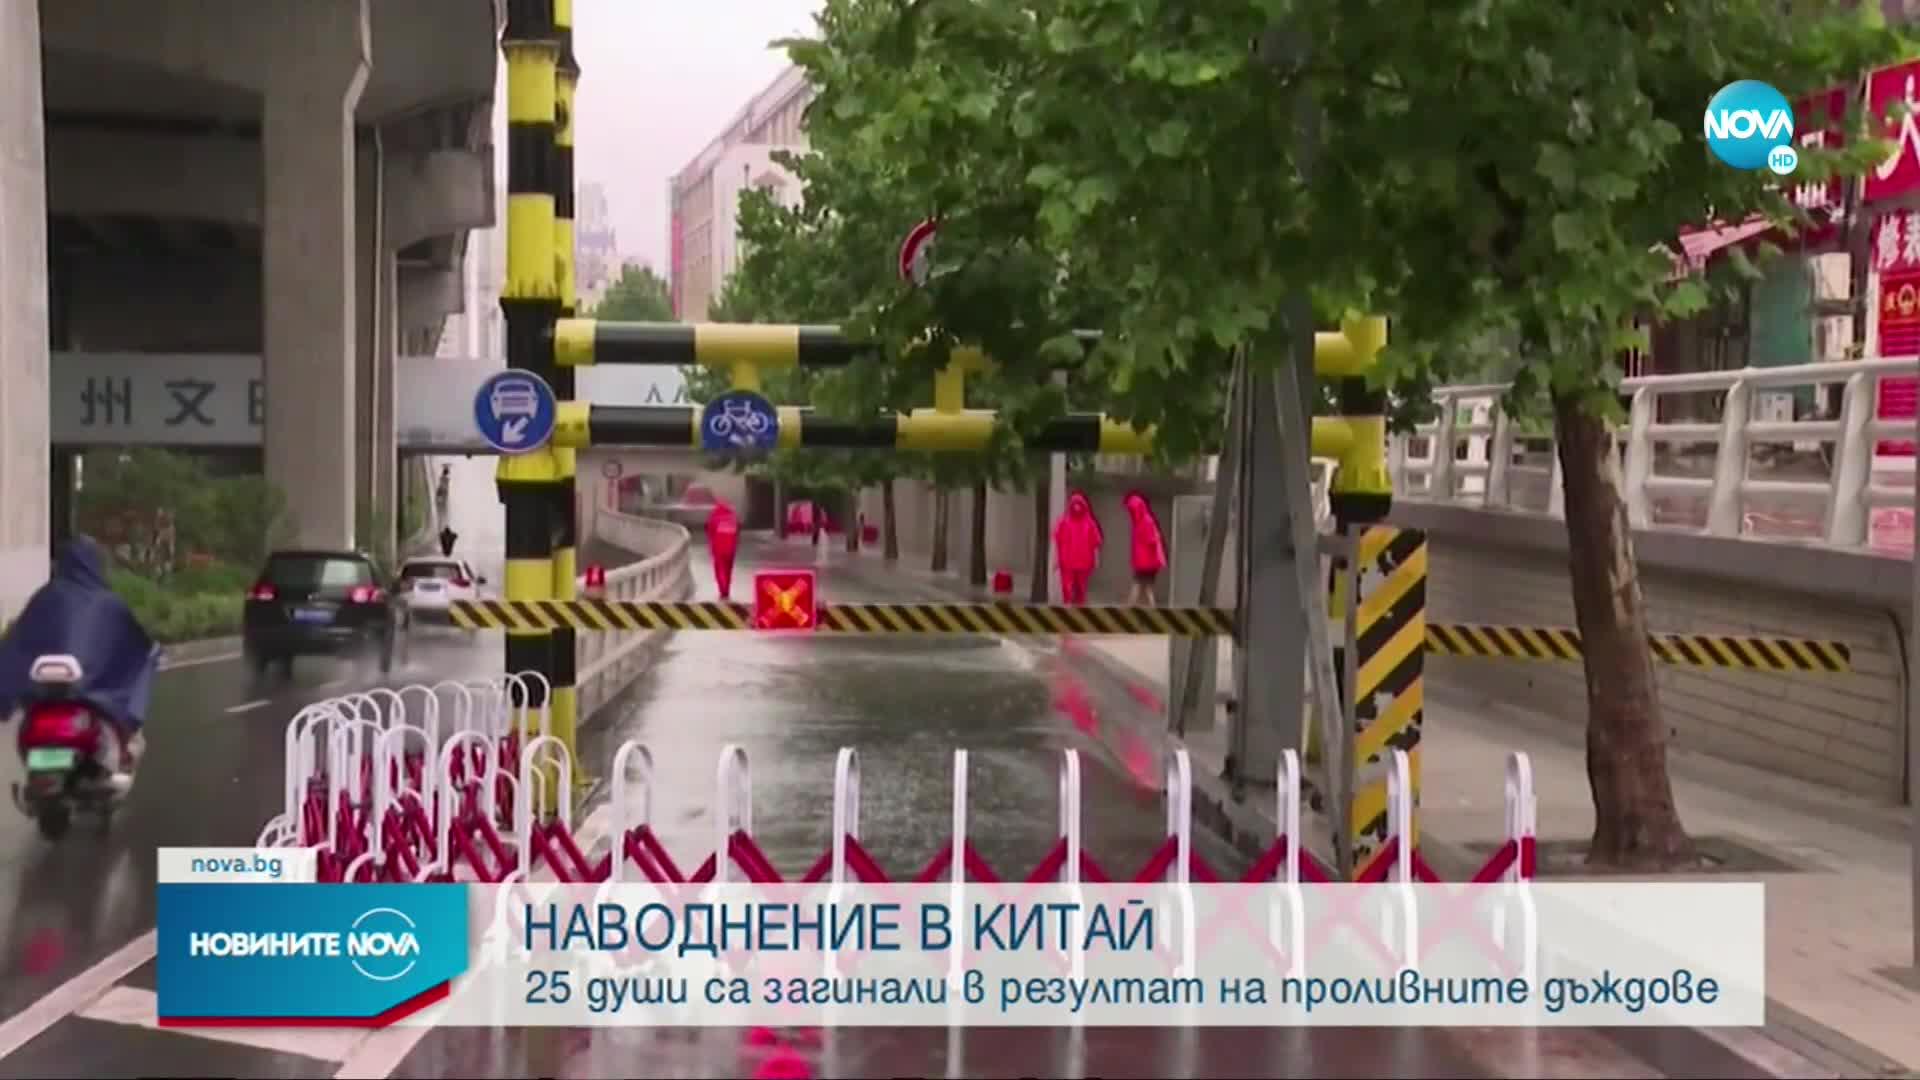 НАВОДНЕНИЕ В КИТАЙ: 25 души са загинали в резултат на проливните дъждове